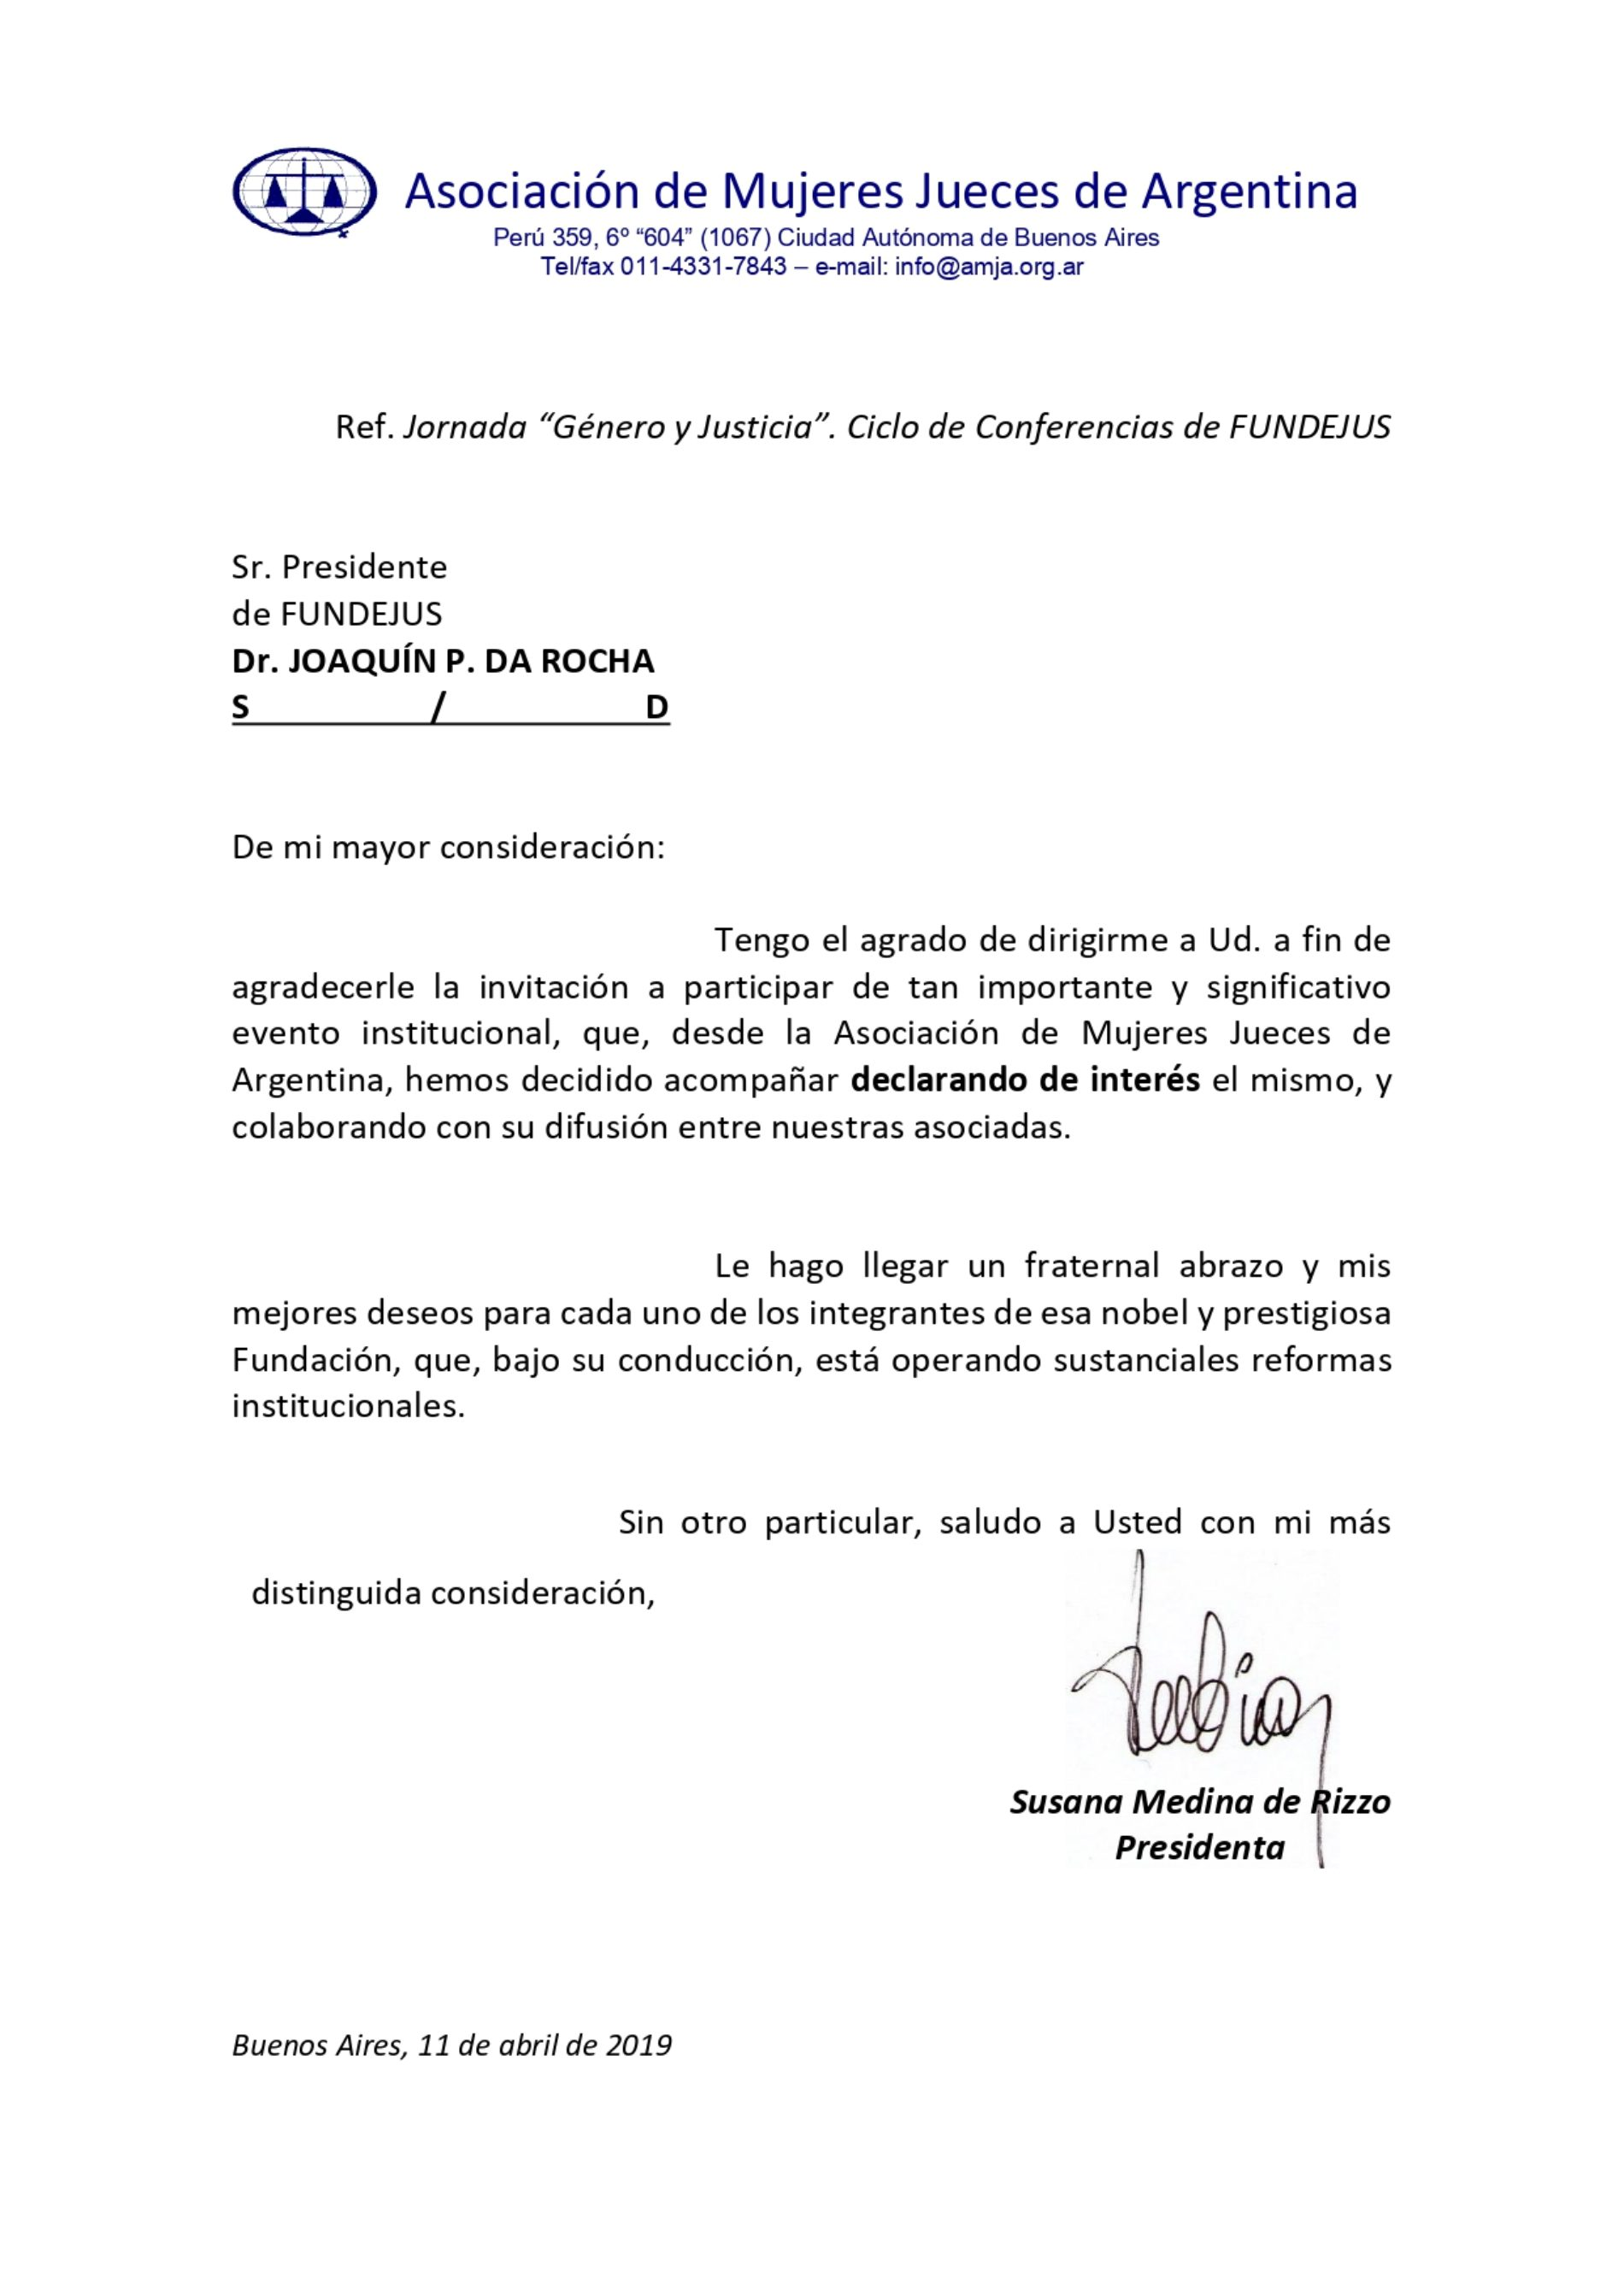 Jornada «Género y Justicia»: Declaración de interés de la Asociación de Mujeres Jueces de Argentina (A.M.J.A)